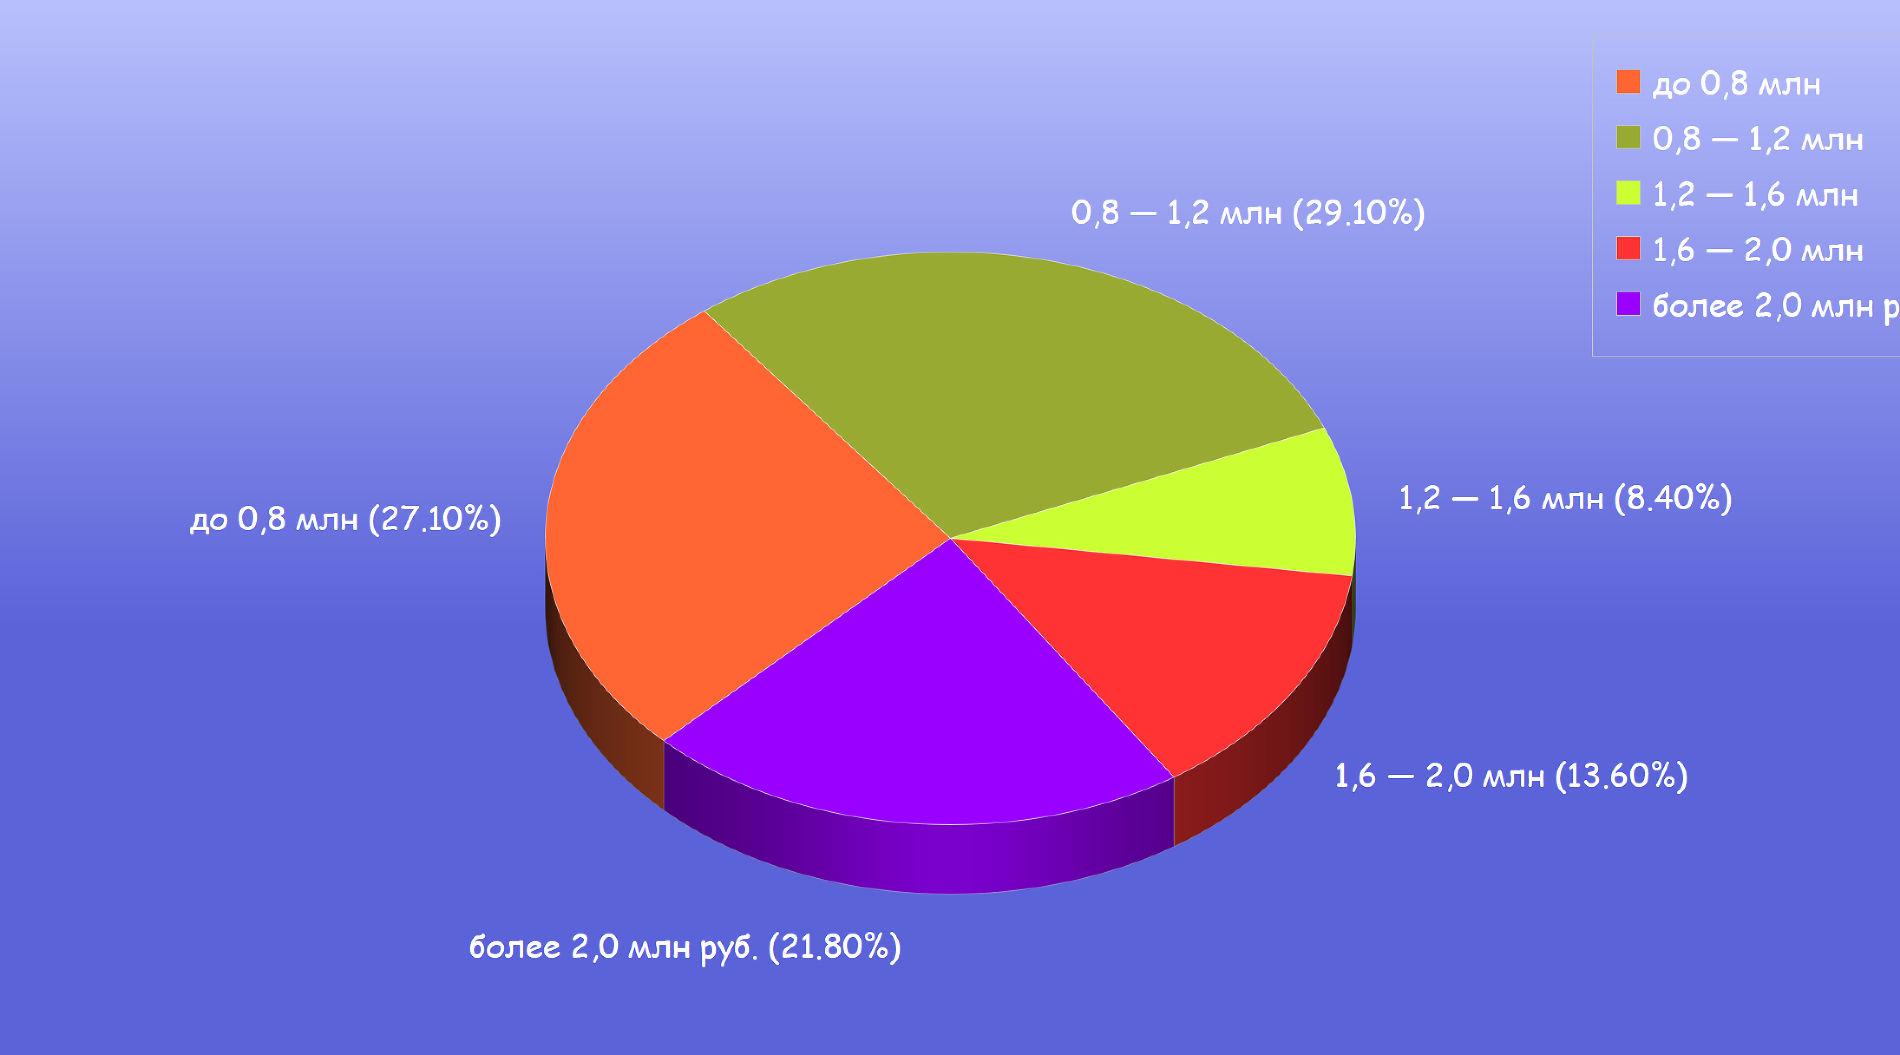 Распределение спроса по ценовым сегментам (по данным Ассоциации европейского бизнеса, aebrus.ru) ©Графика Евгения Мельченко, Юга.ру